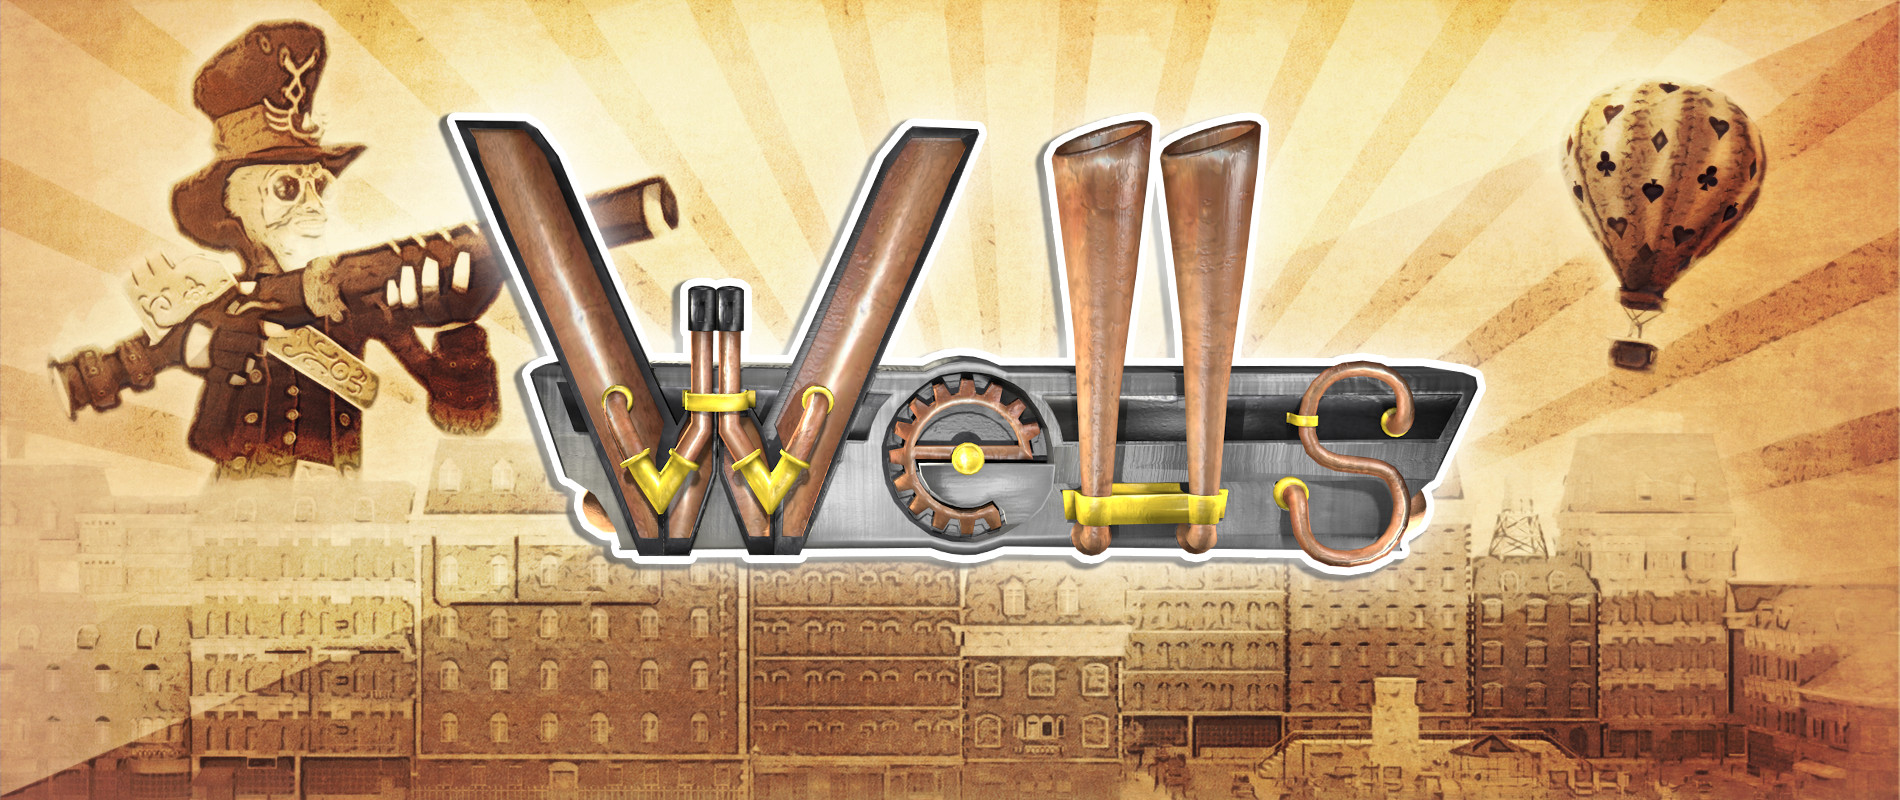 wells-banner-1.jpg